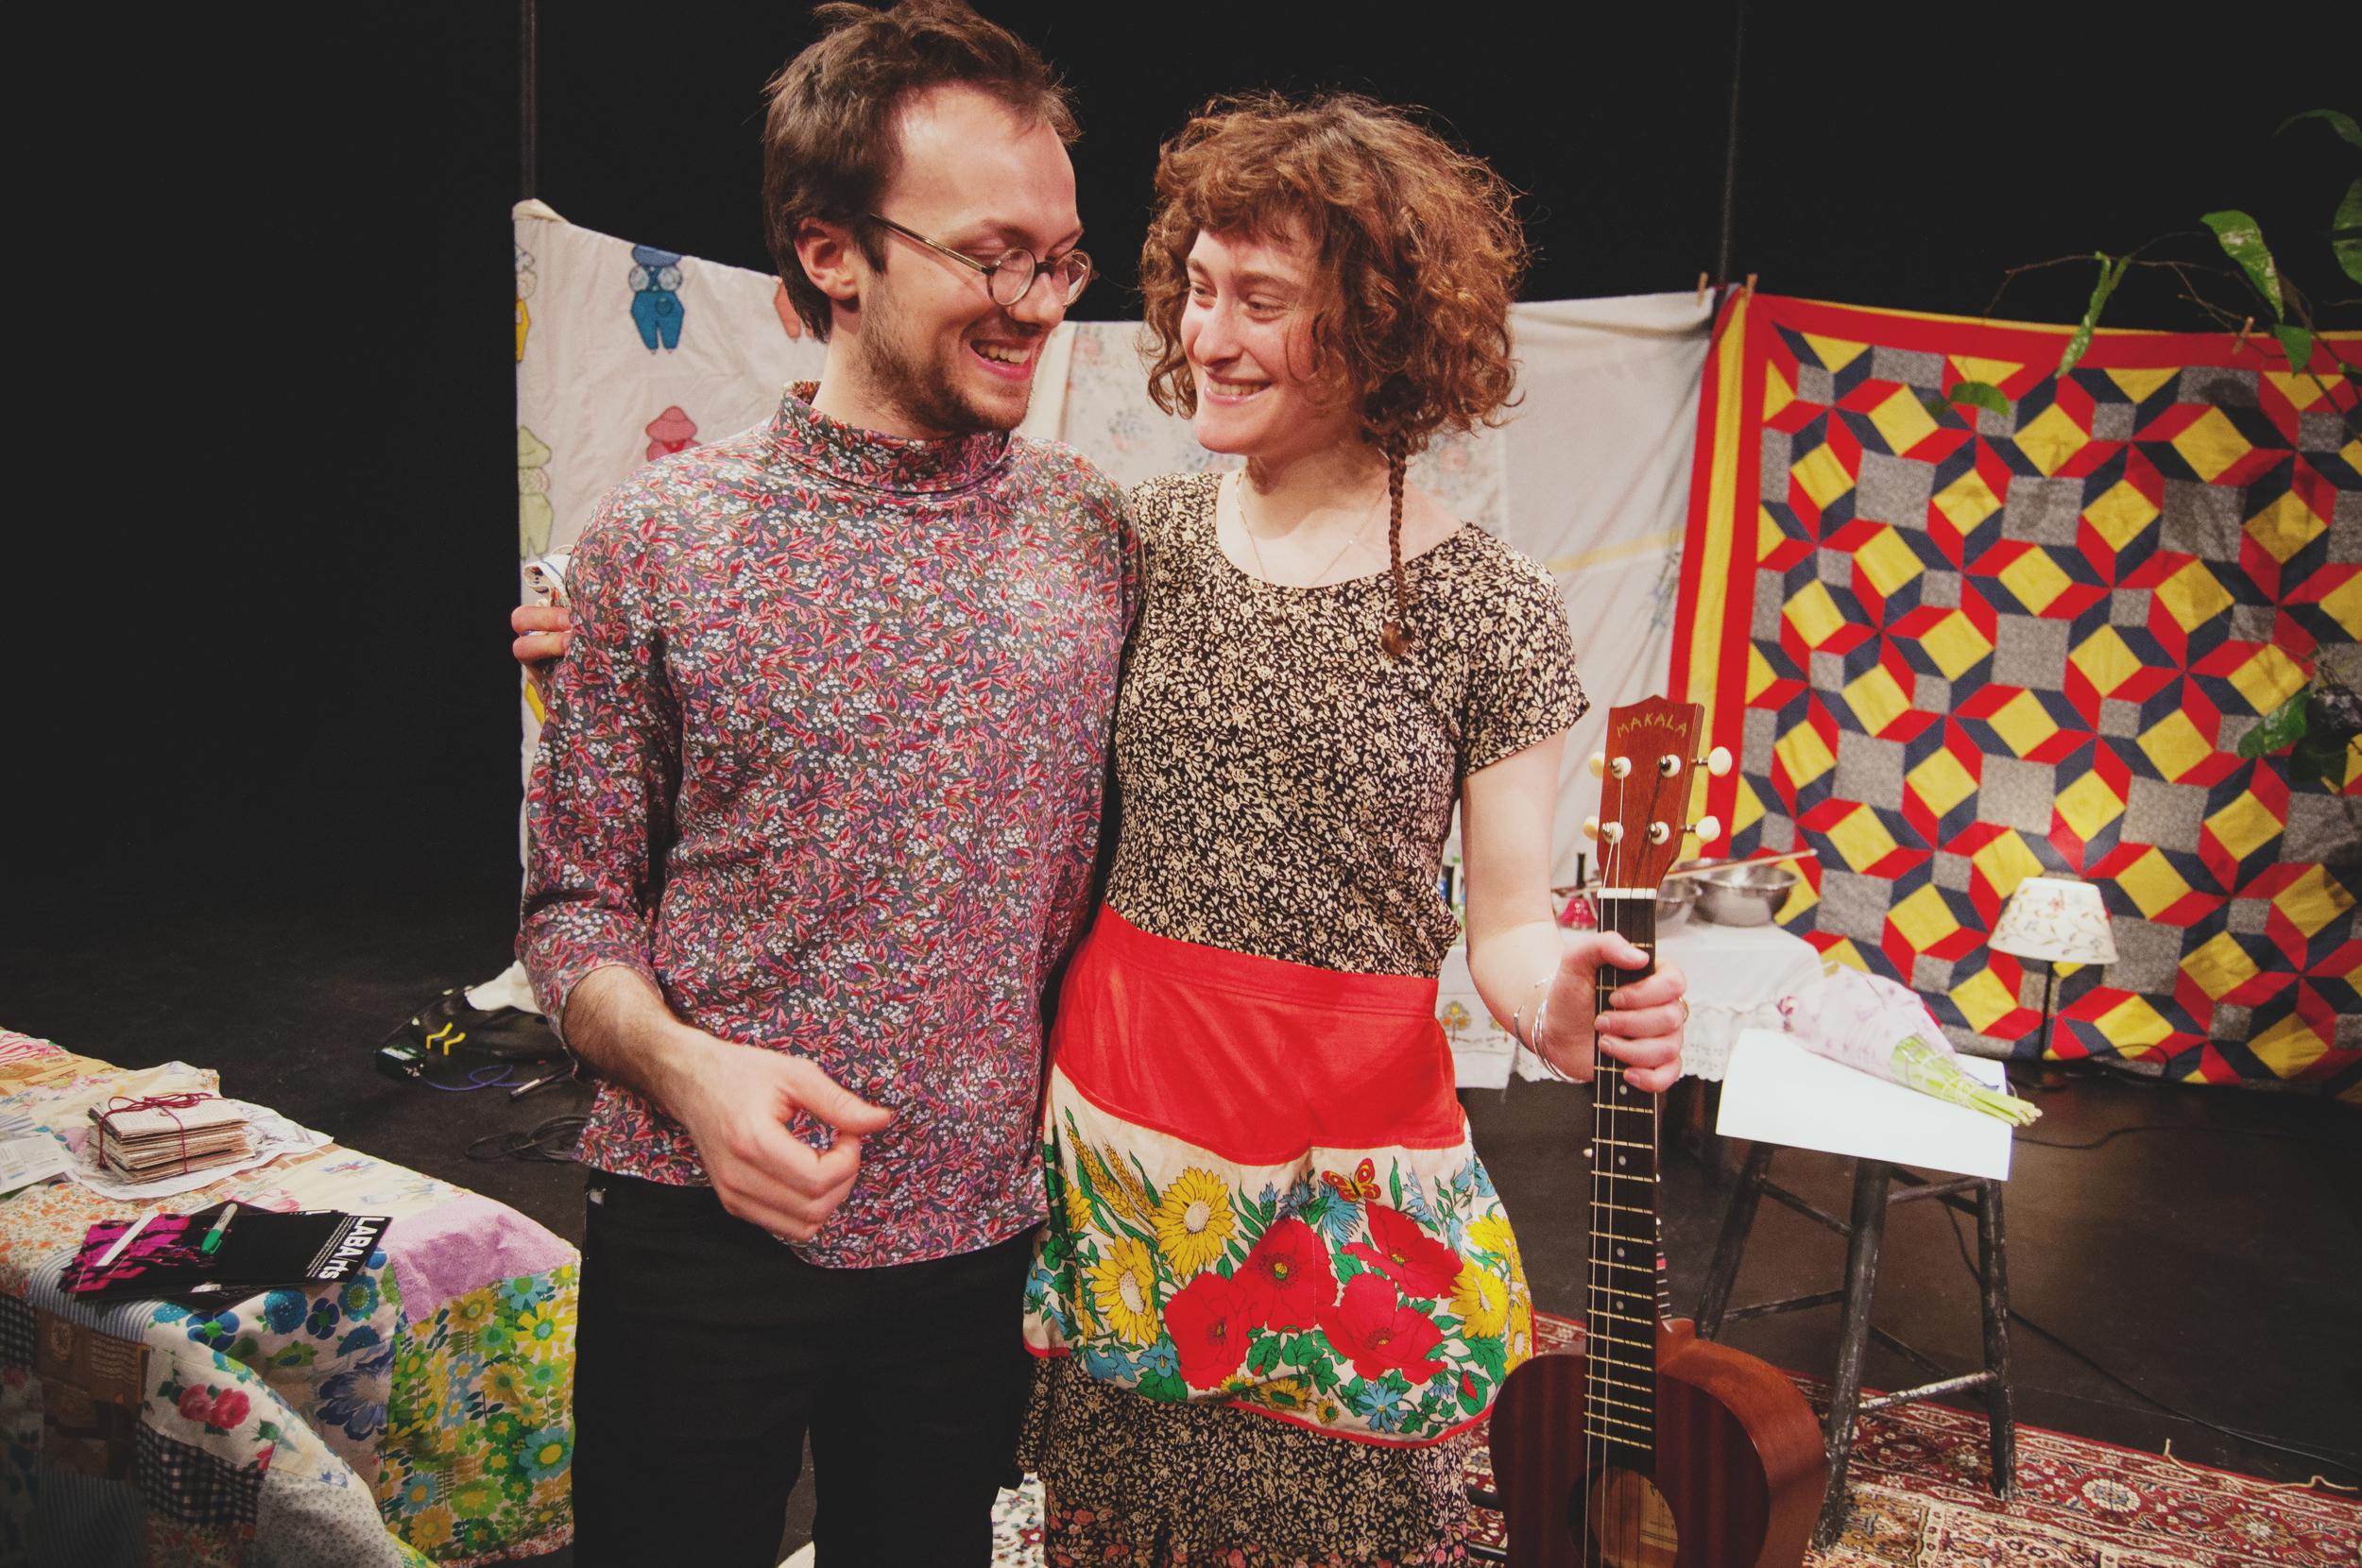 Aaron Rourk & Rachel Sherk